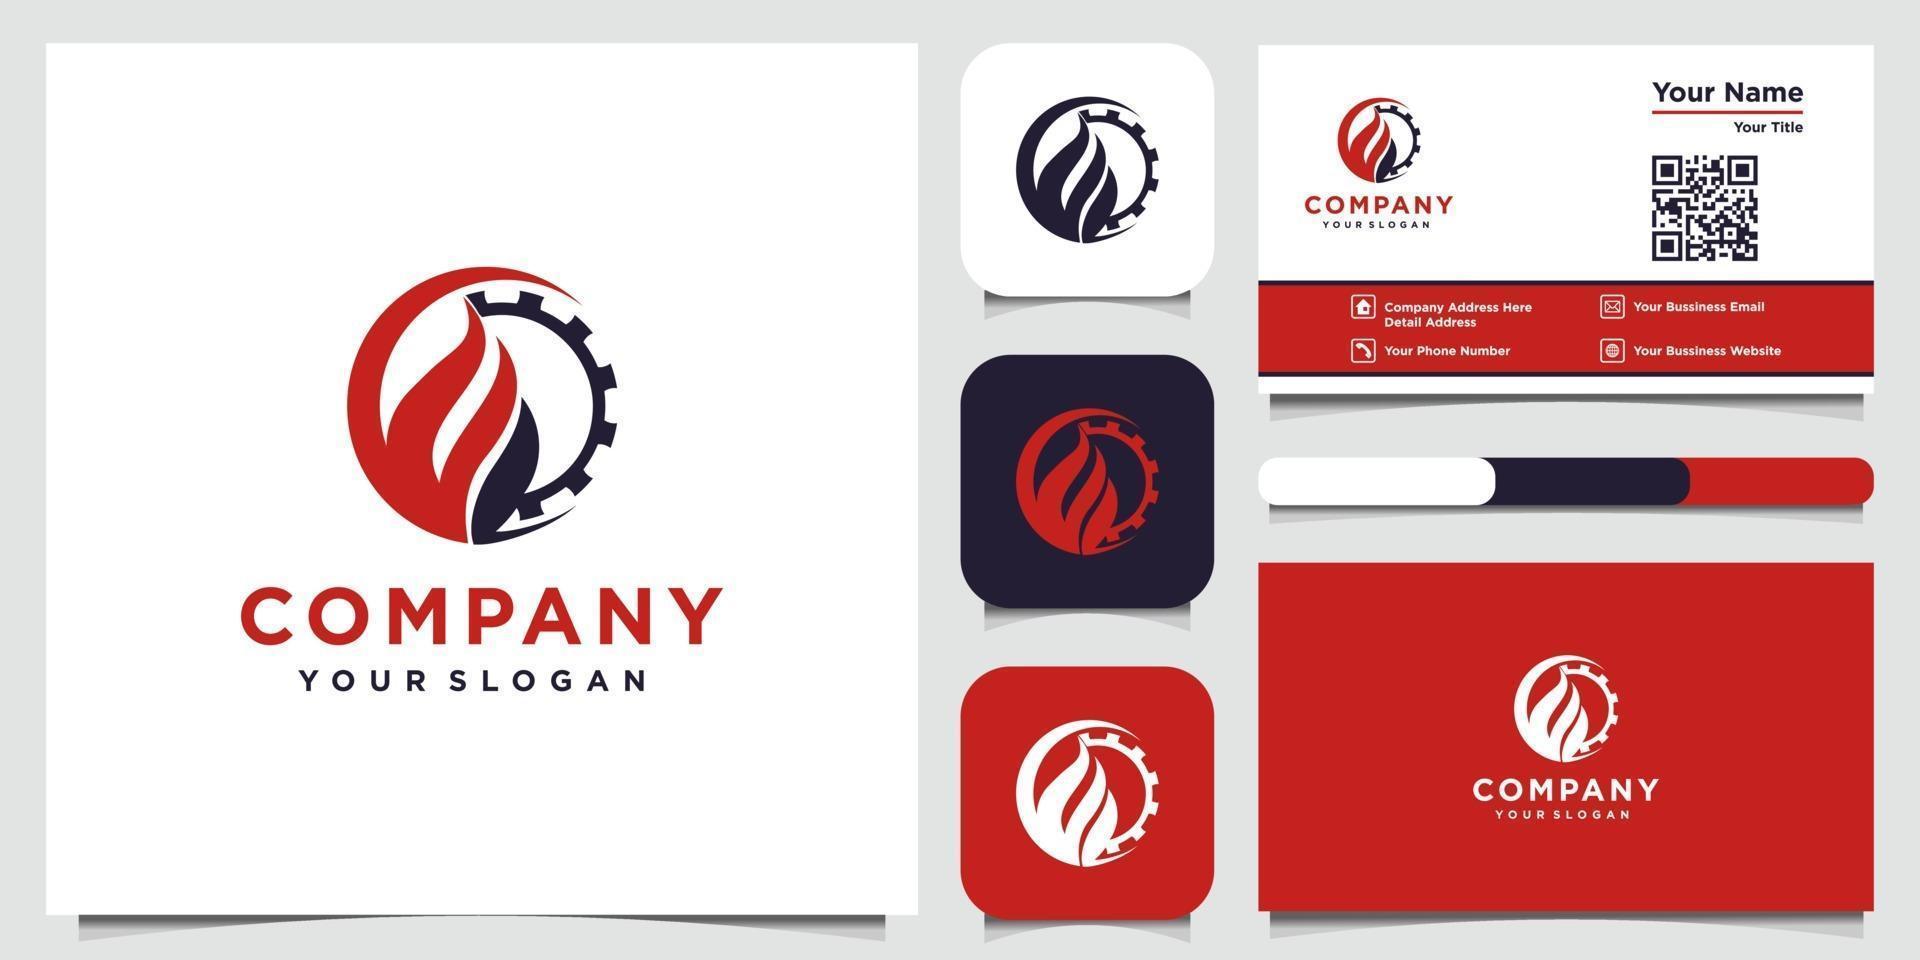 inspiración para el diseño del logotipo de construcción y diseño de tarjetas vector